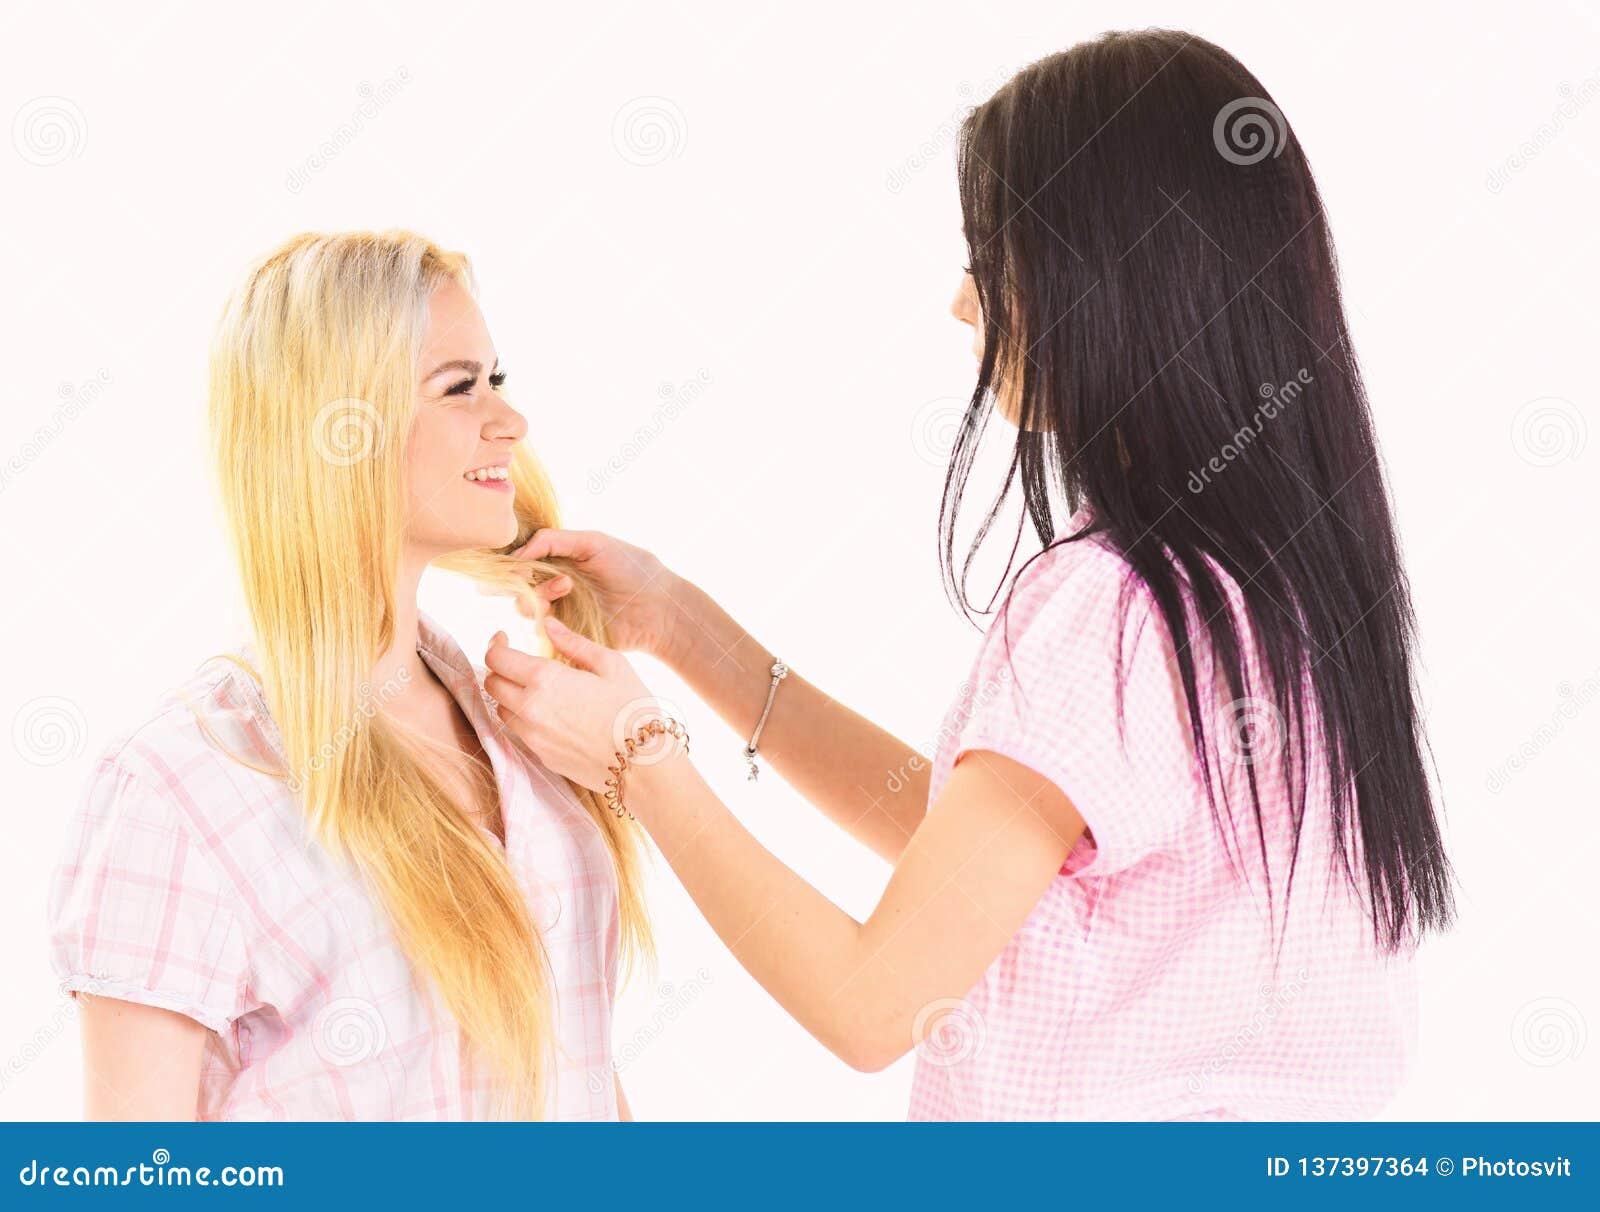 Zusters, beste vrienden die in pyjama s vlecht, kapsel maken elkaar Blonde, brunette op het glimlachen gezichten in kleren voor s